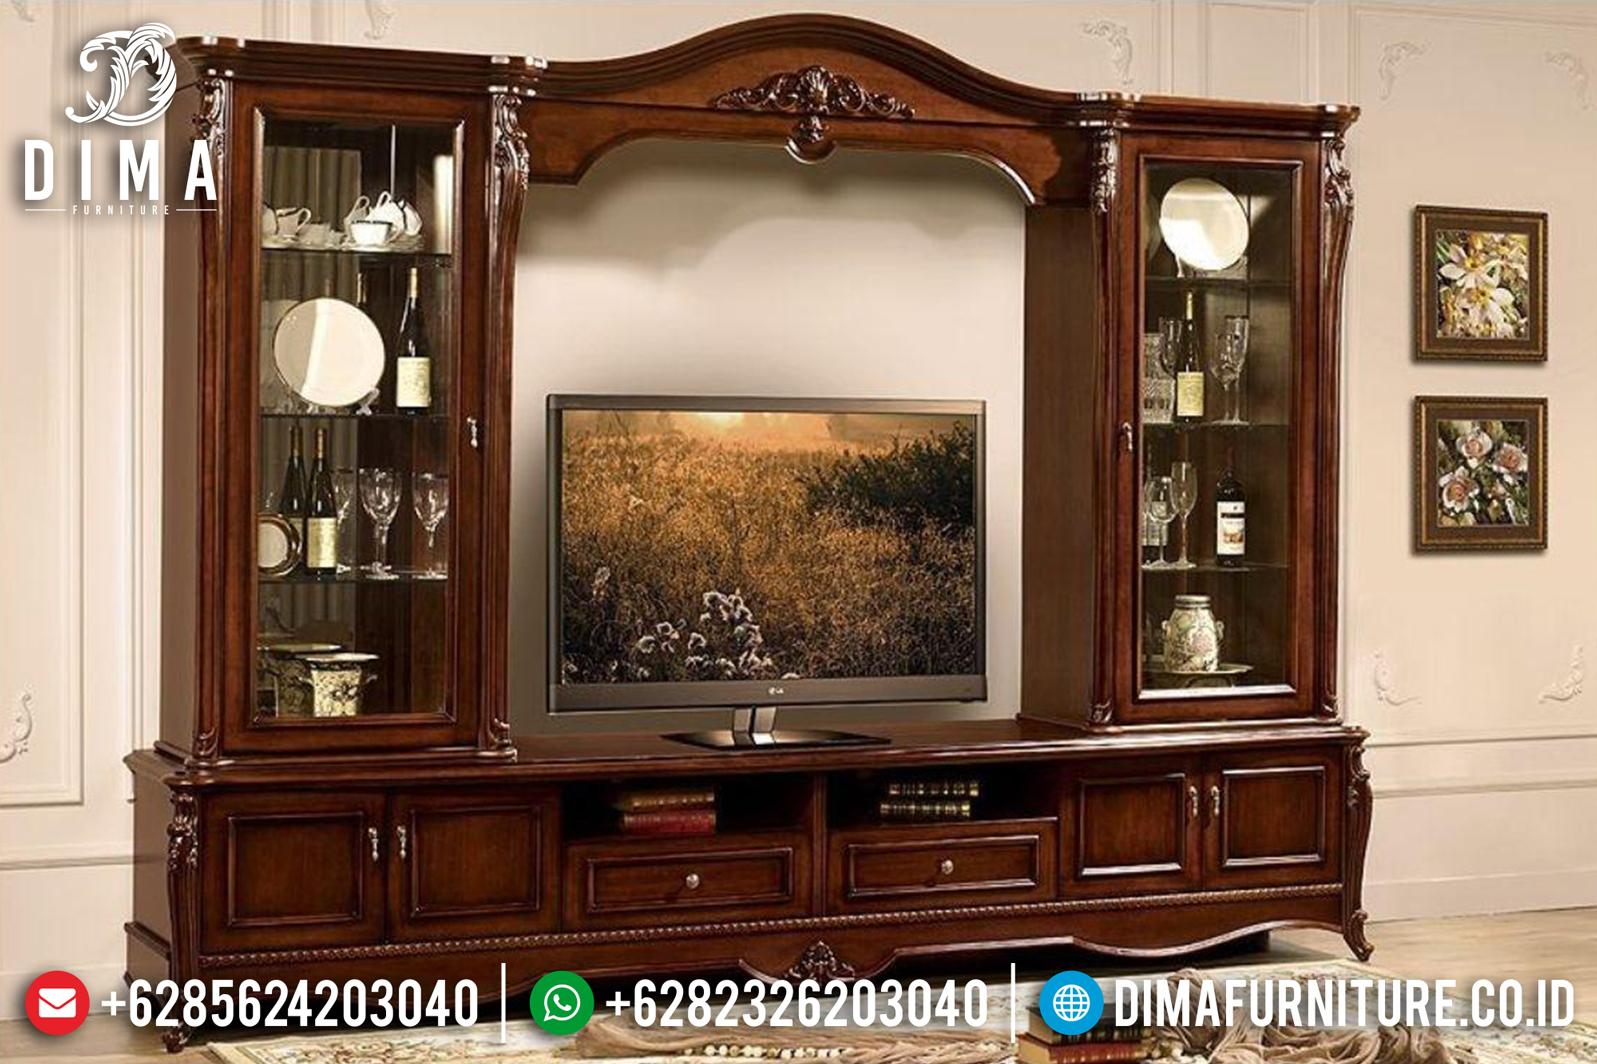 Bufet TV Jepara Mewah, Lemari Hias Jati, Meja TV Mewah Jati DF-0780